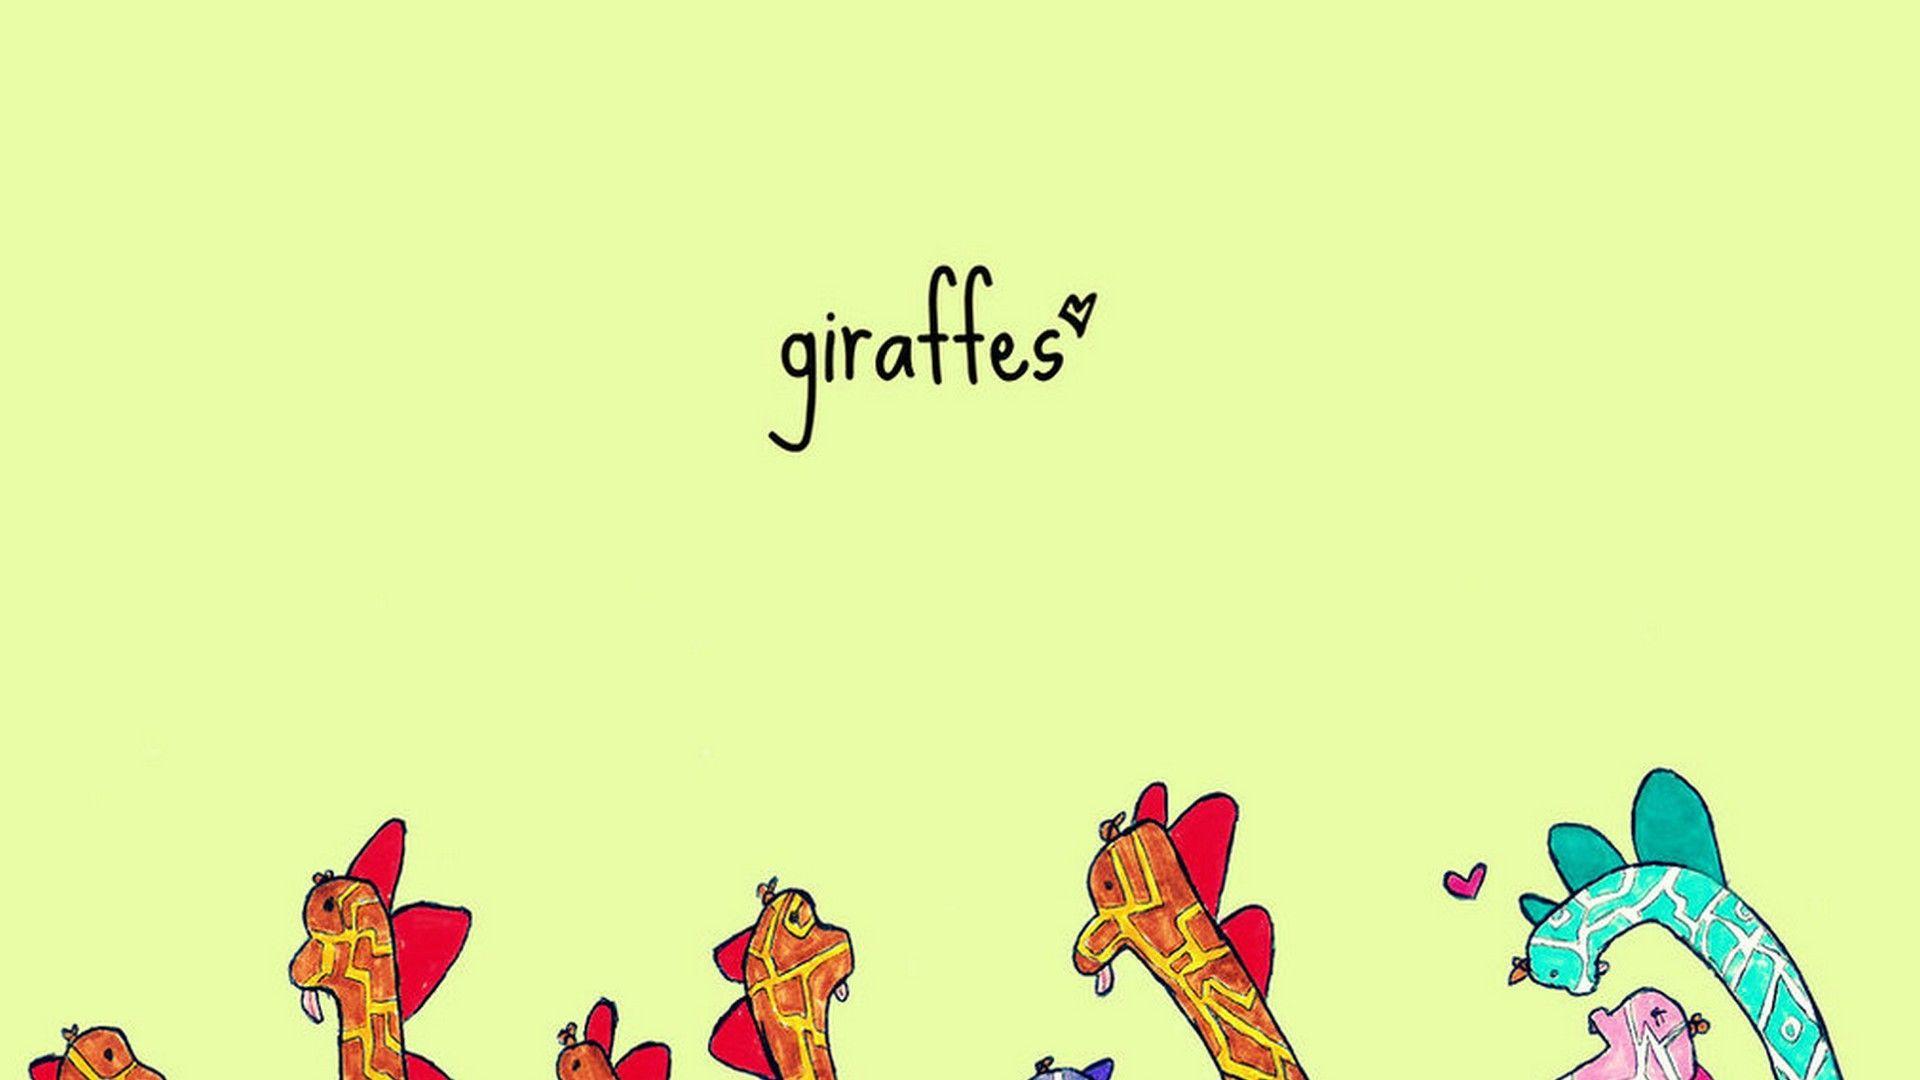 Giraffe Wallpaper Border Best HD Wallpapers Wallpaperscute 1920x1080